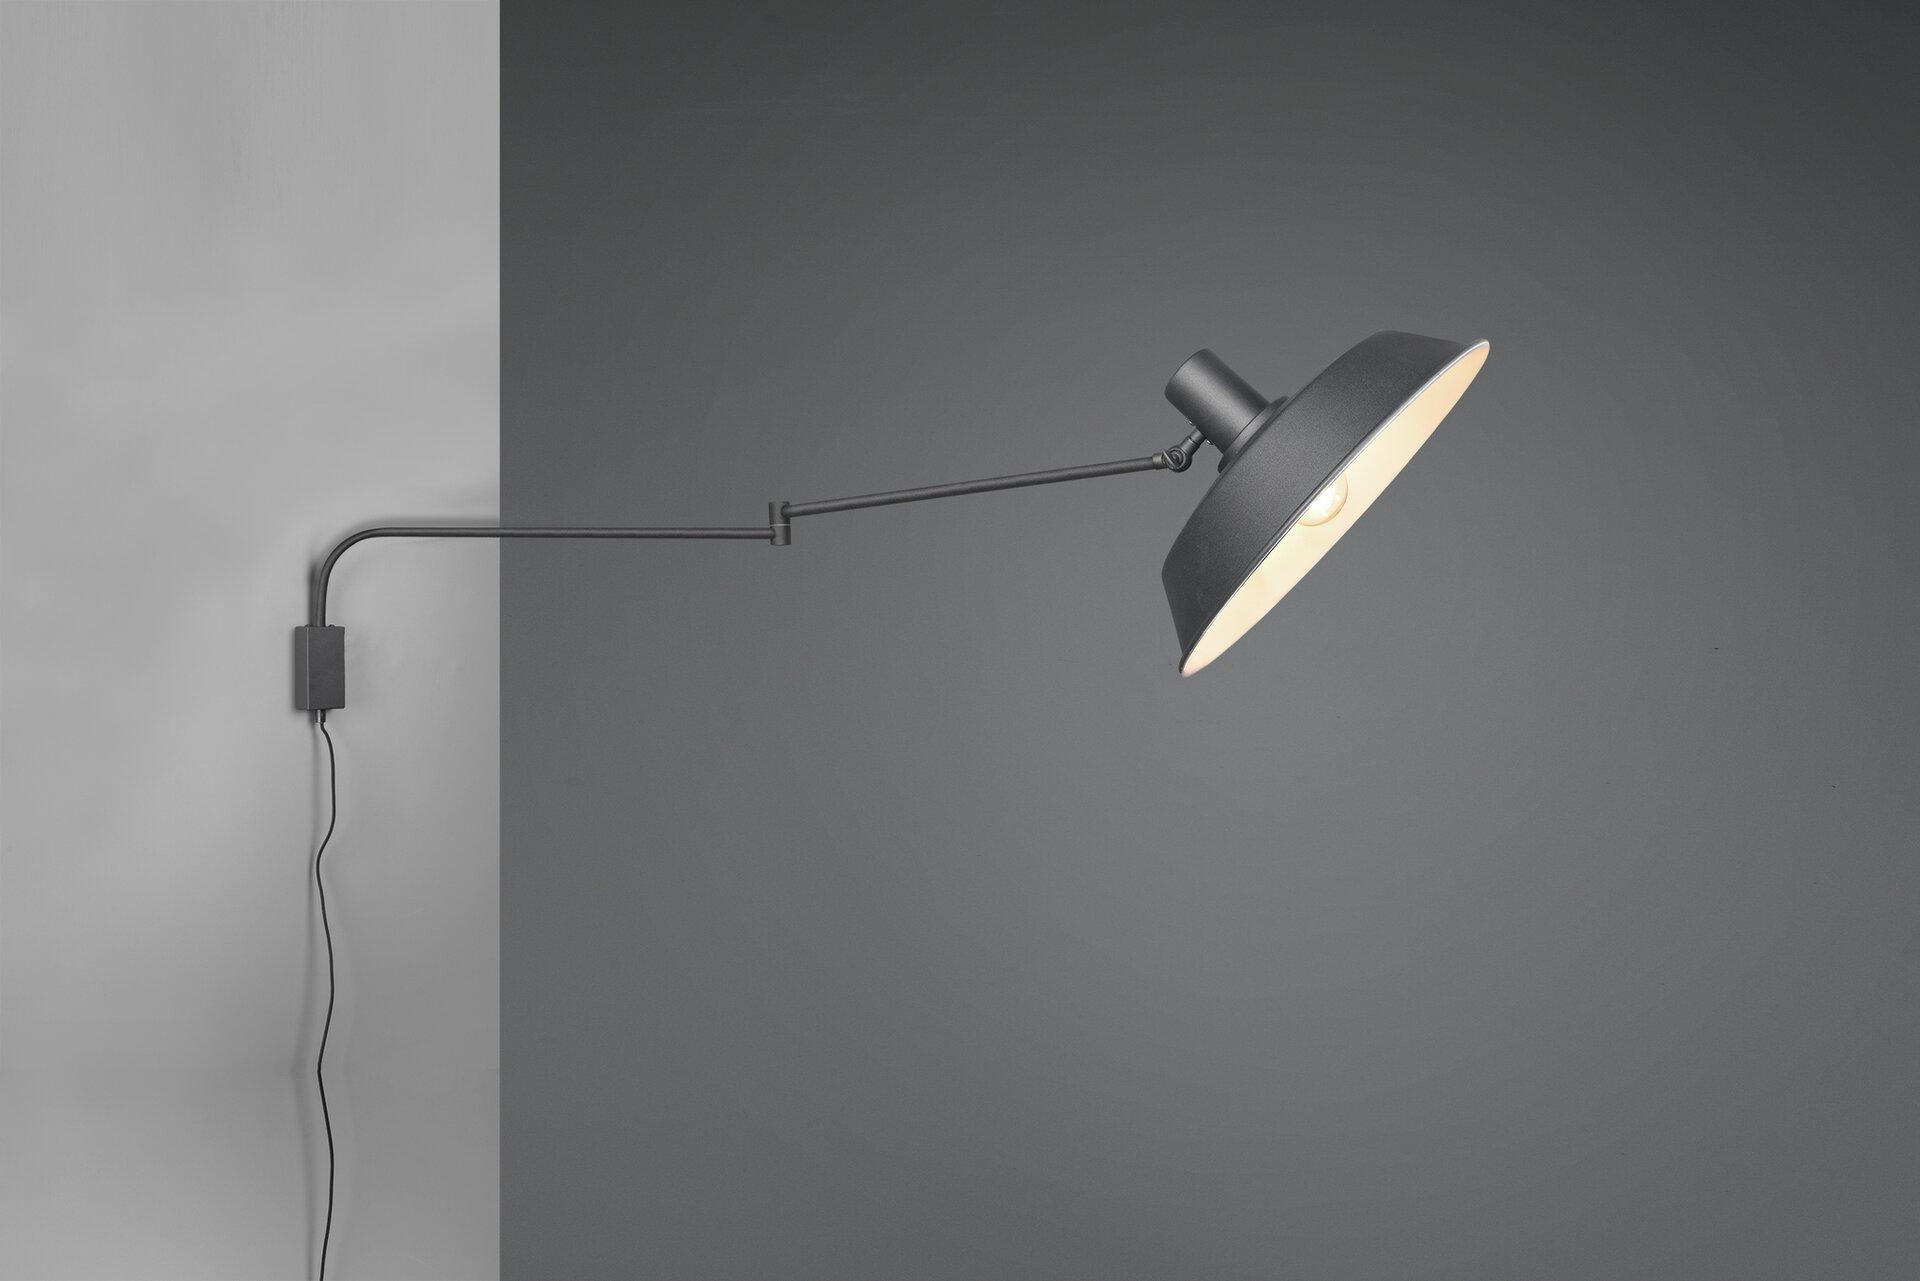 Wandleuchte Bolder Trio Leuchten Metall schwarz 36 x 29 x 150 cm